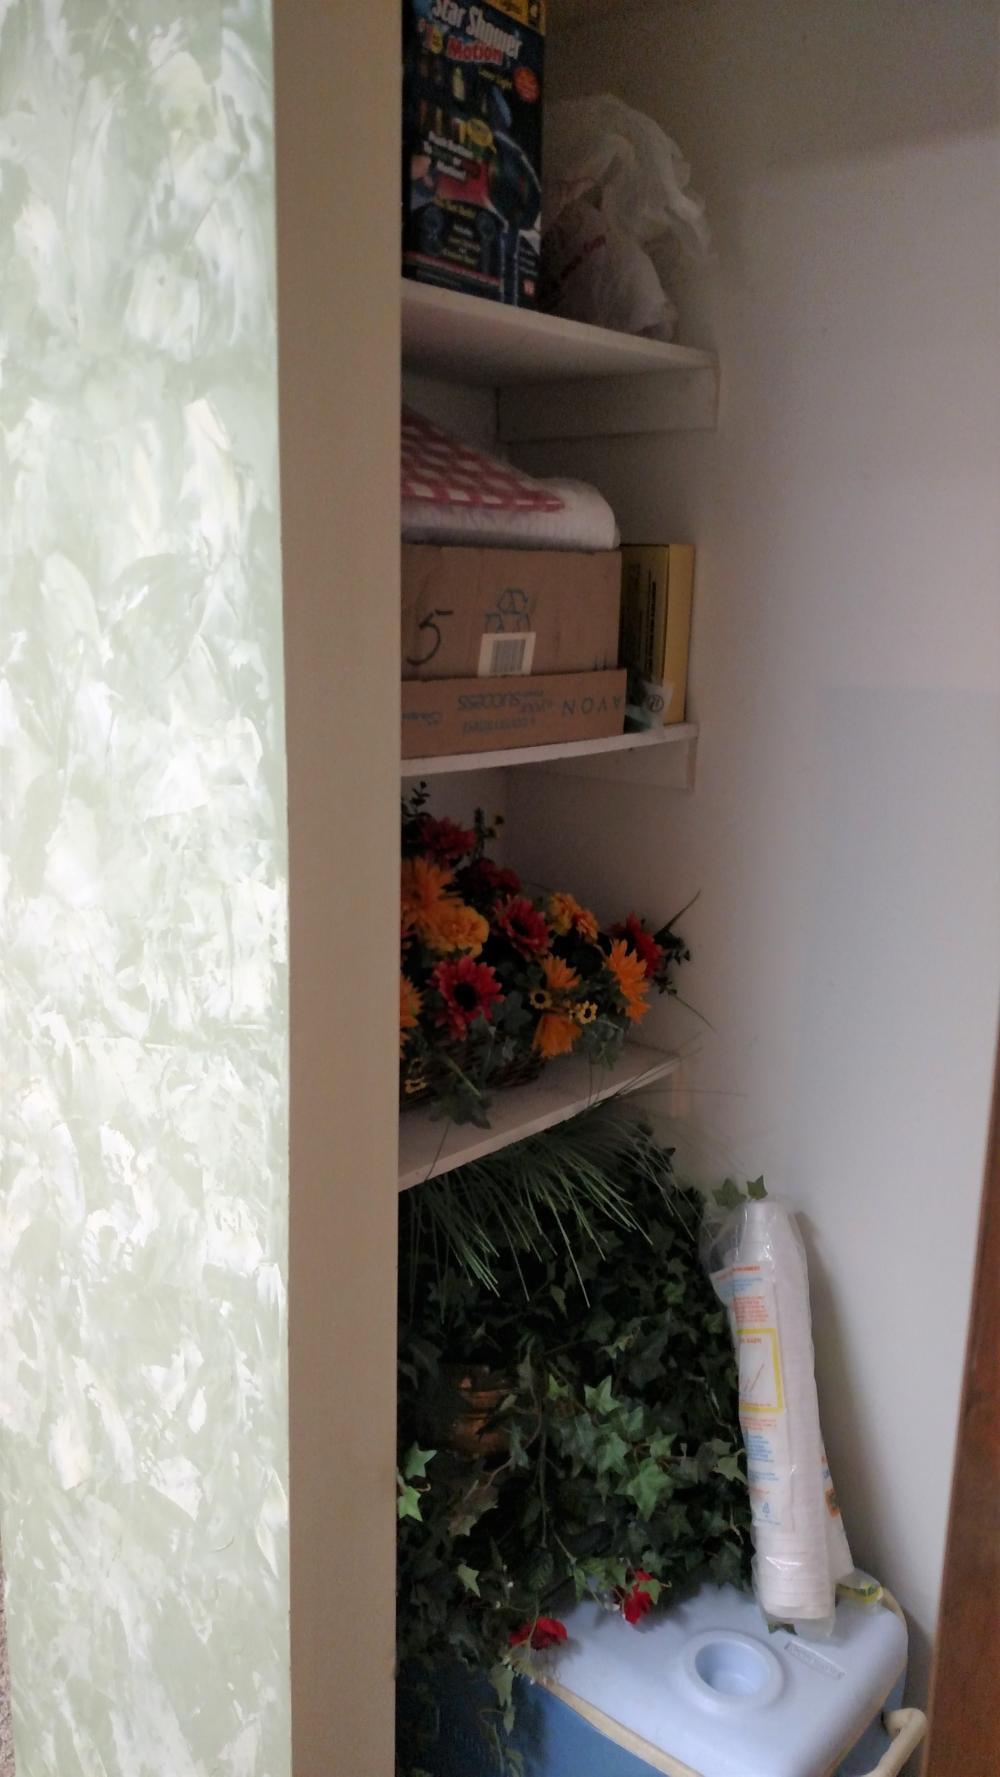 closet contents - easel, cooler, motion laser light, blankets,